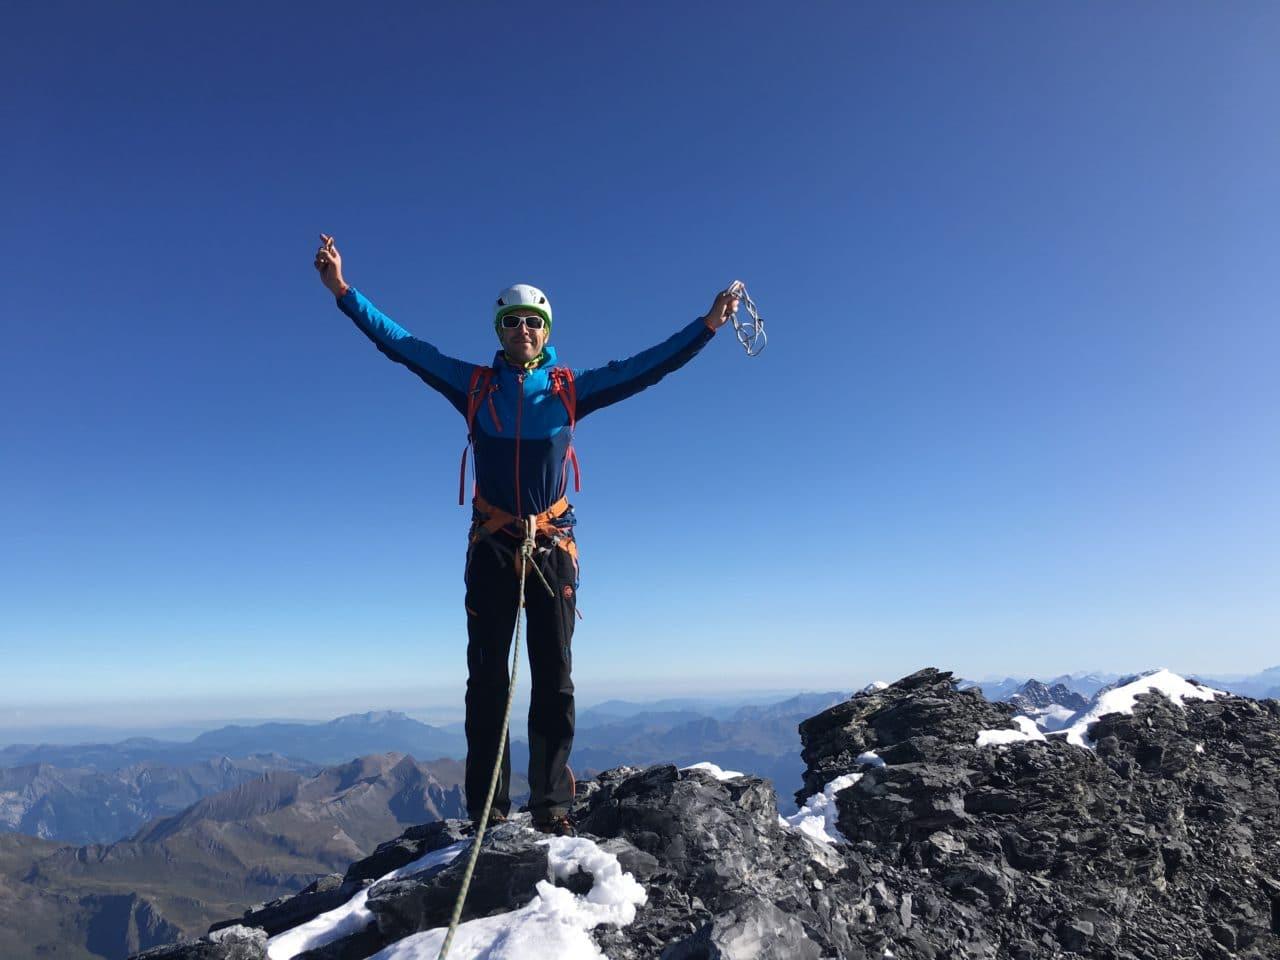 Sommet de l'Eiger